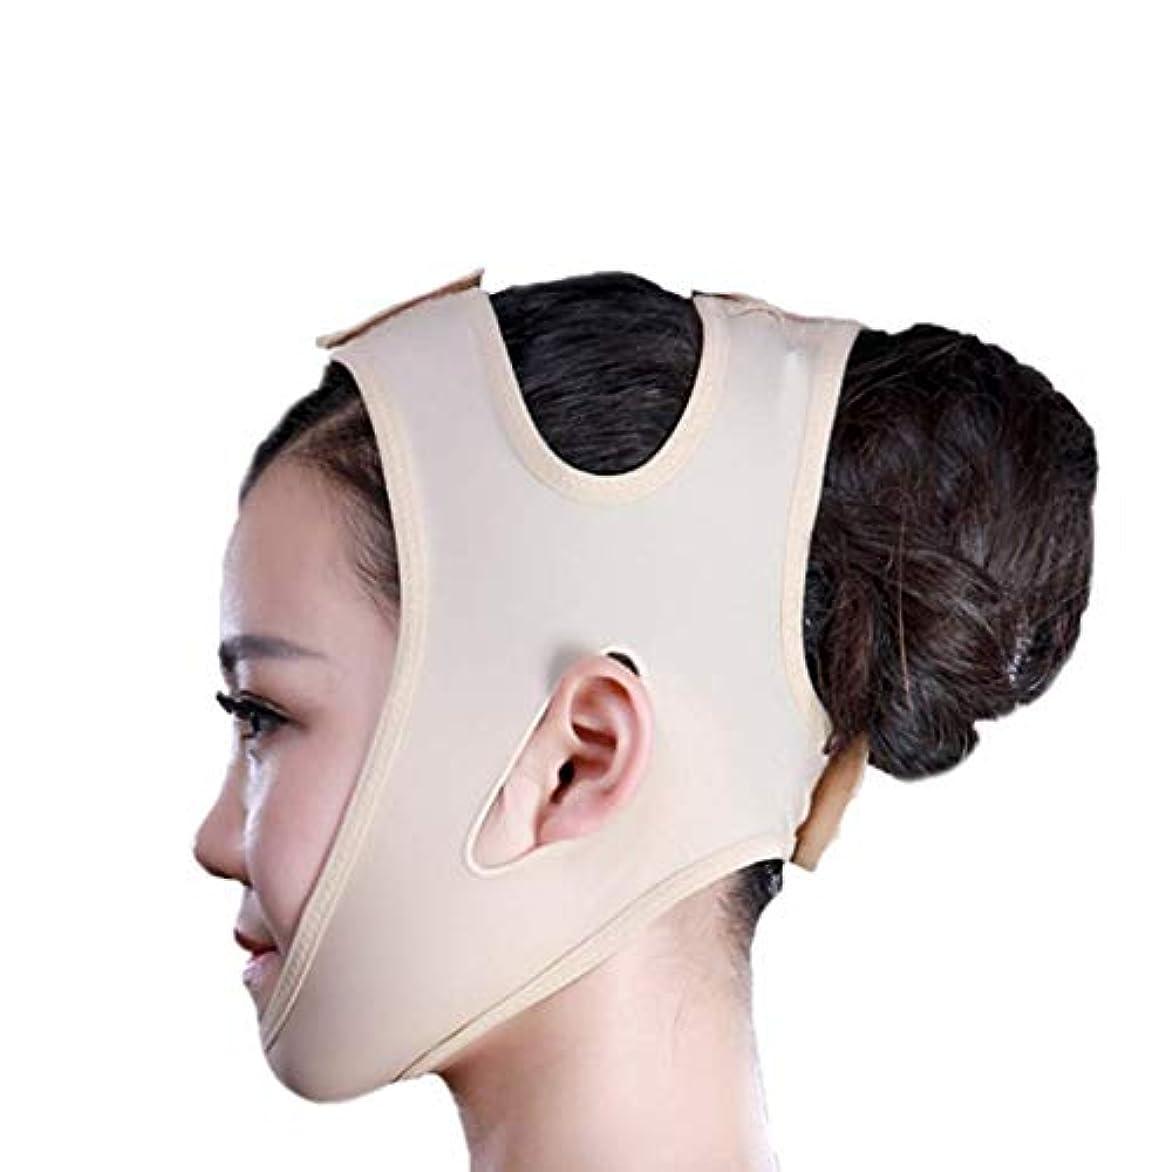 蒸留する幻滅エンゲージメントフェイススリミングマスク、快適さと通気性、フェイシャルリフティング、輪郭の改善された硬さ、ファーミングとリフティングフェイス(カラー:ブラック、サイズ:XL),黄色がかったピンク、M